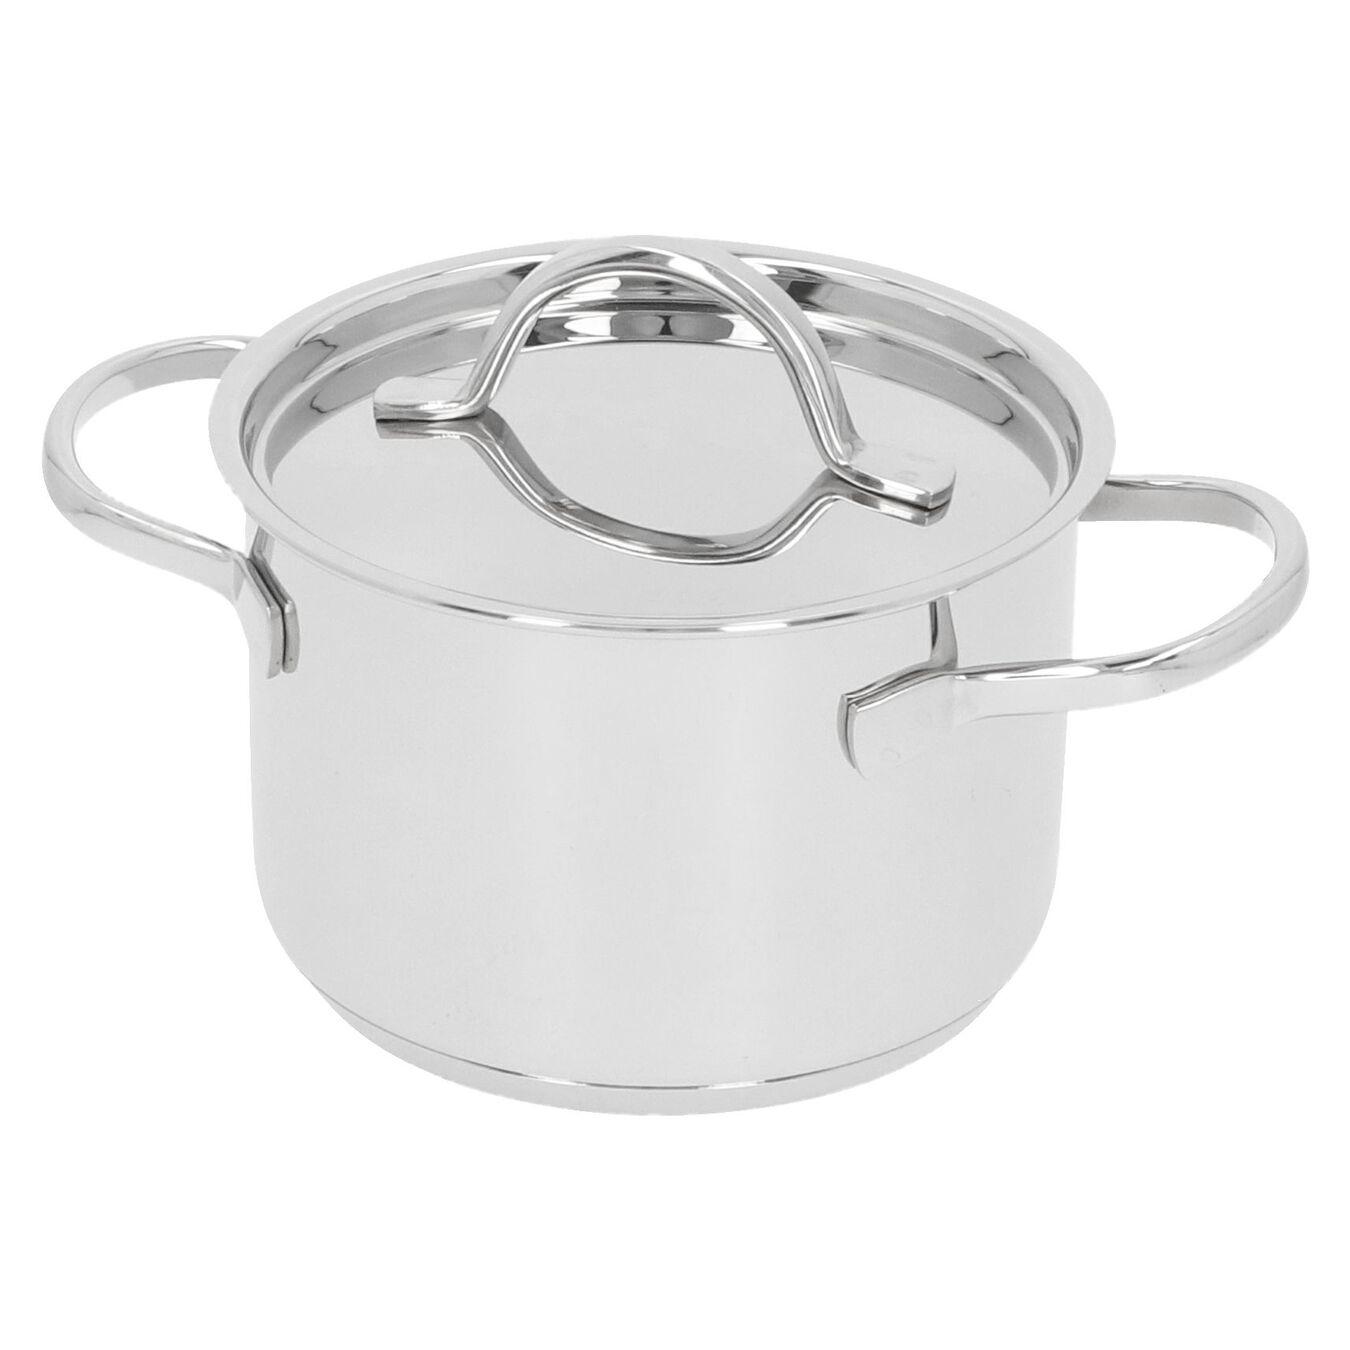 Set de casseroles, 4-pces,,large 19